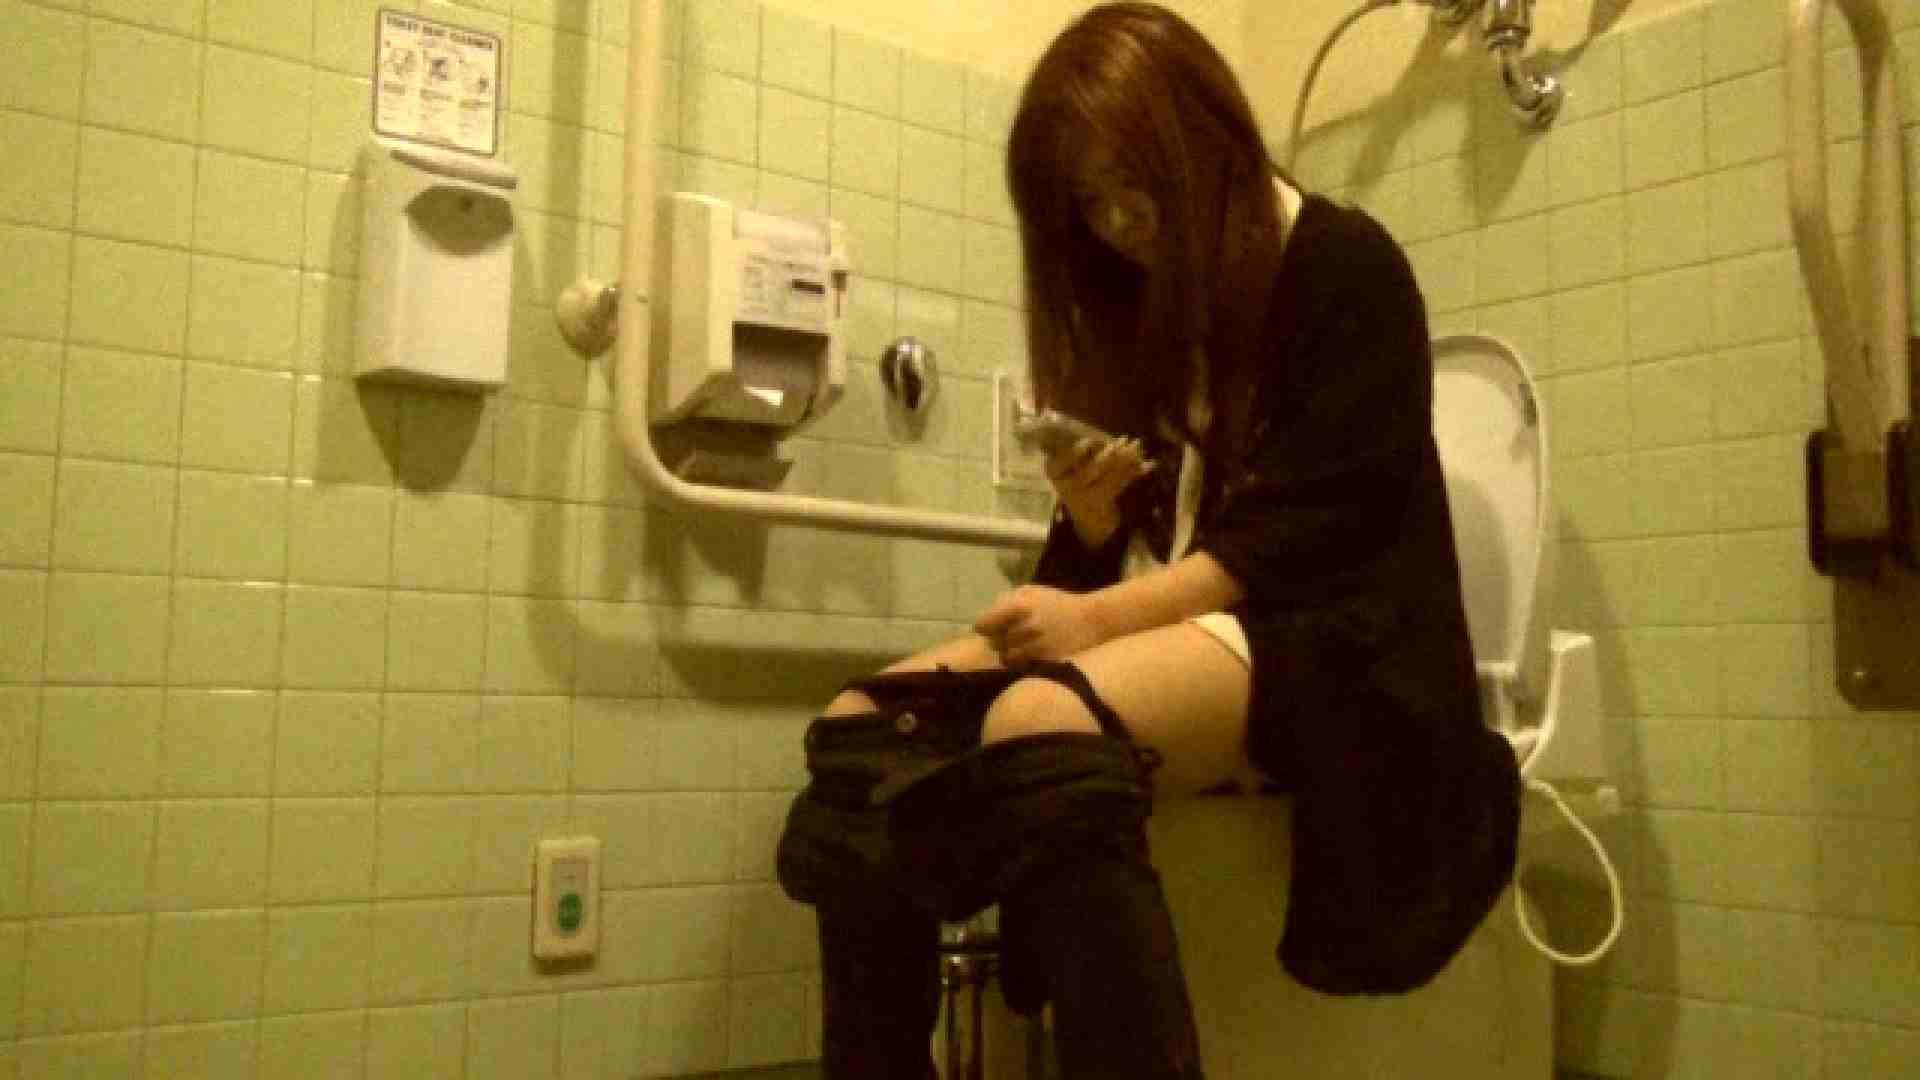 魔術師の お・も・て・な・し vol.26 19歳のバーの店員さんの洗面所をしばし… 洗面所 隠し撮りおまんこ動画流出 90pic 77